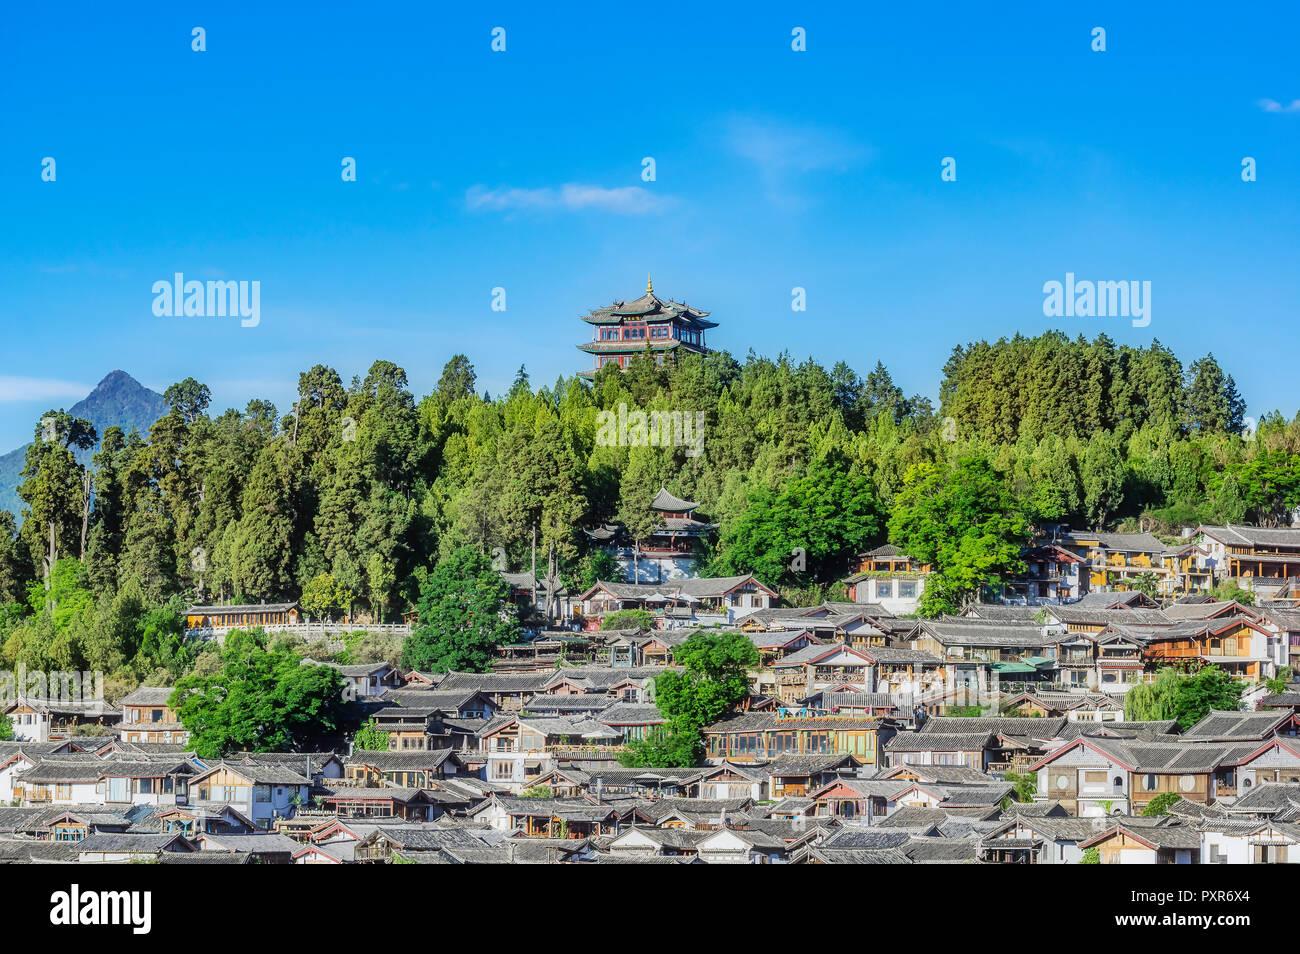 China, Yunnan, Lijiang, cityscape - Stock Image